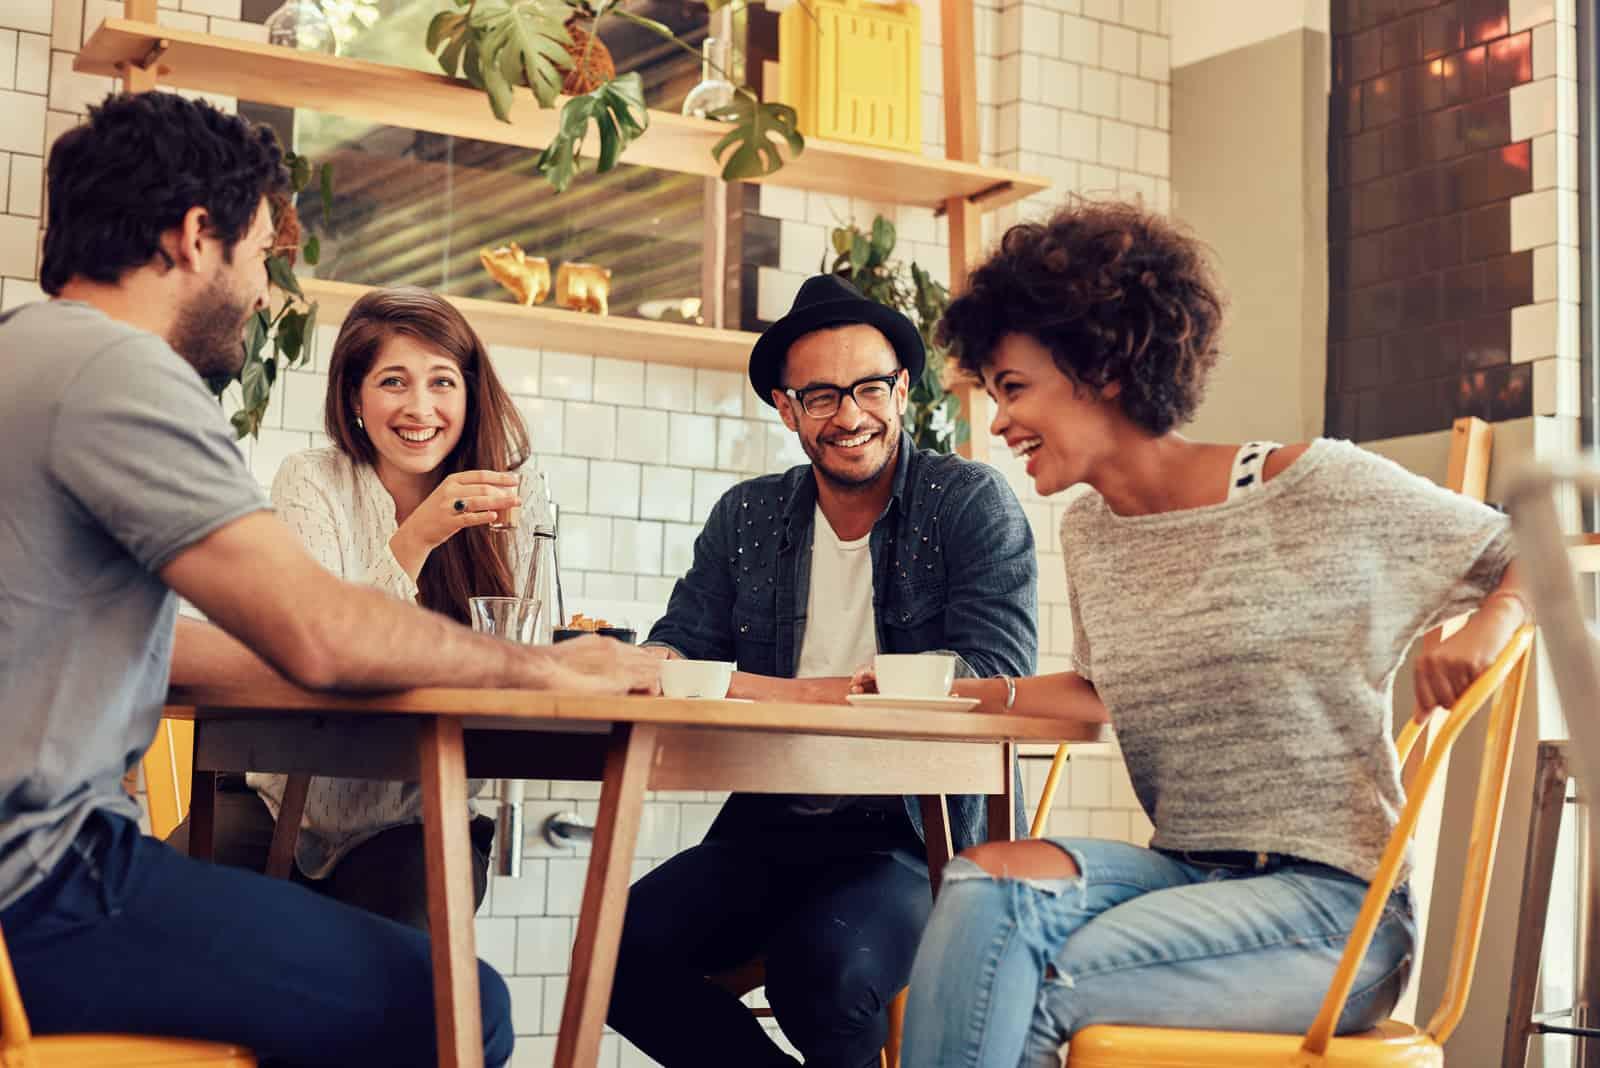 eine lächelnde Frau, die mit Freunden an einem Tisch sitzt